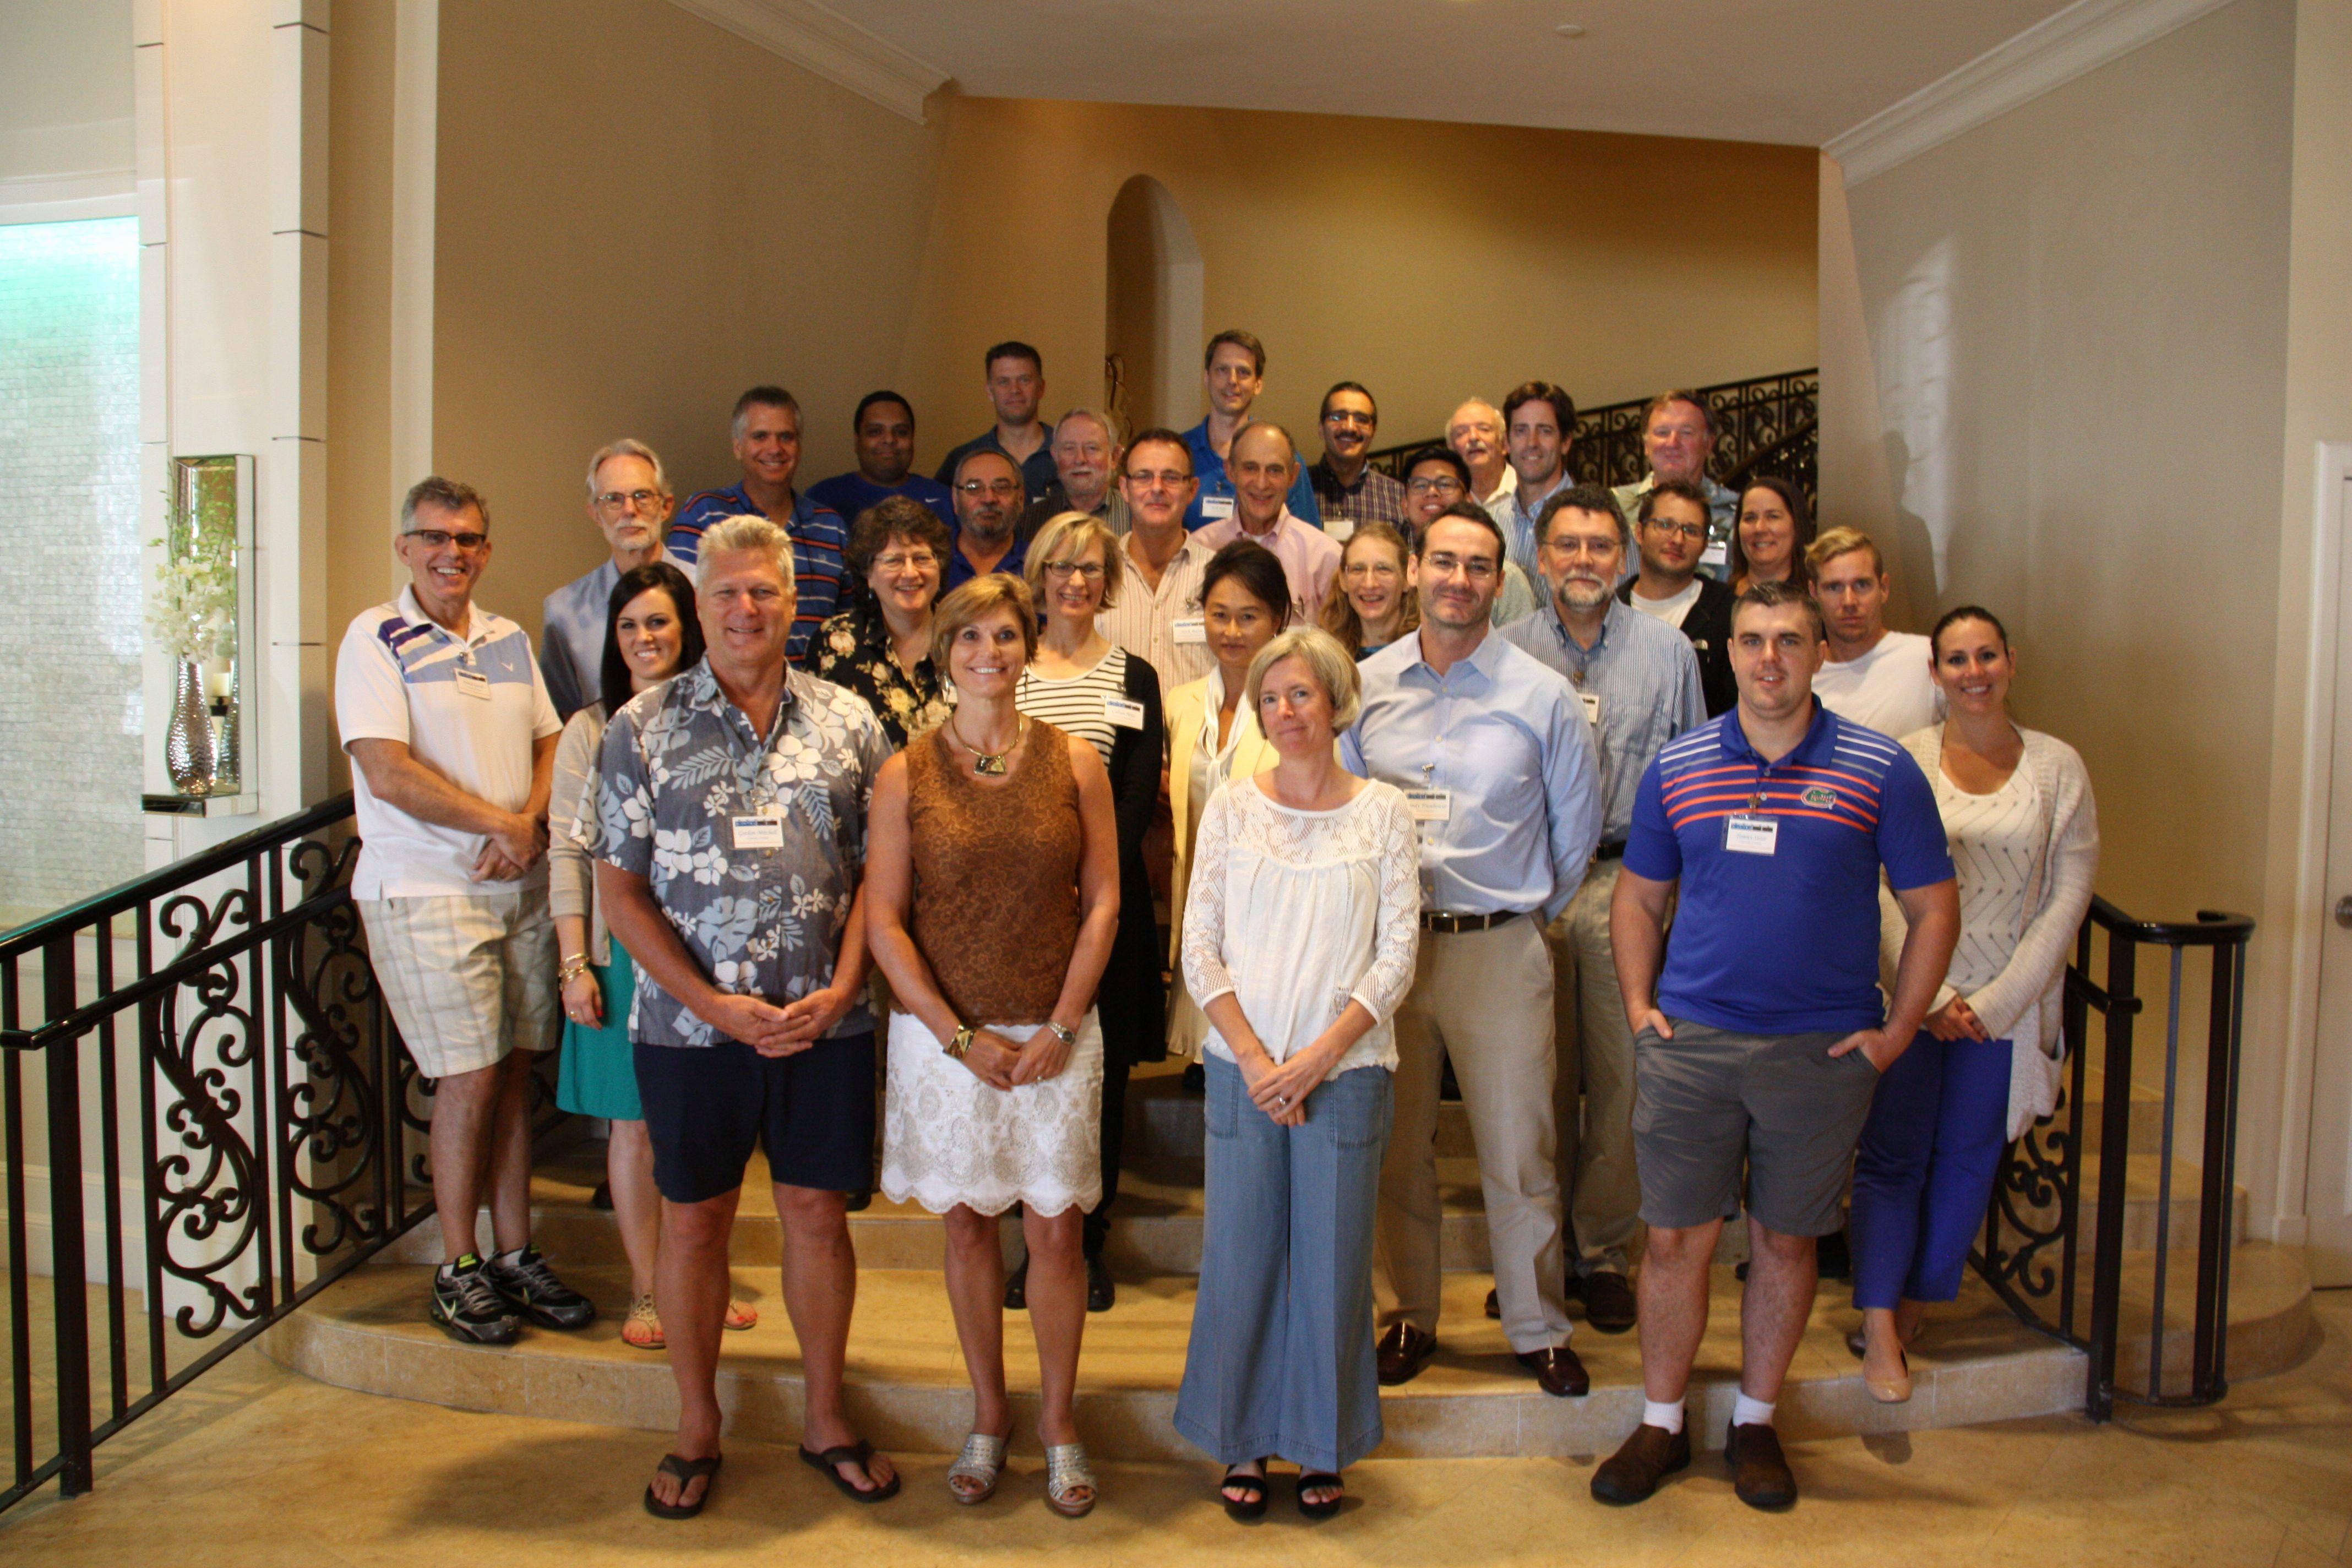 IH Workshop Group July 2016